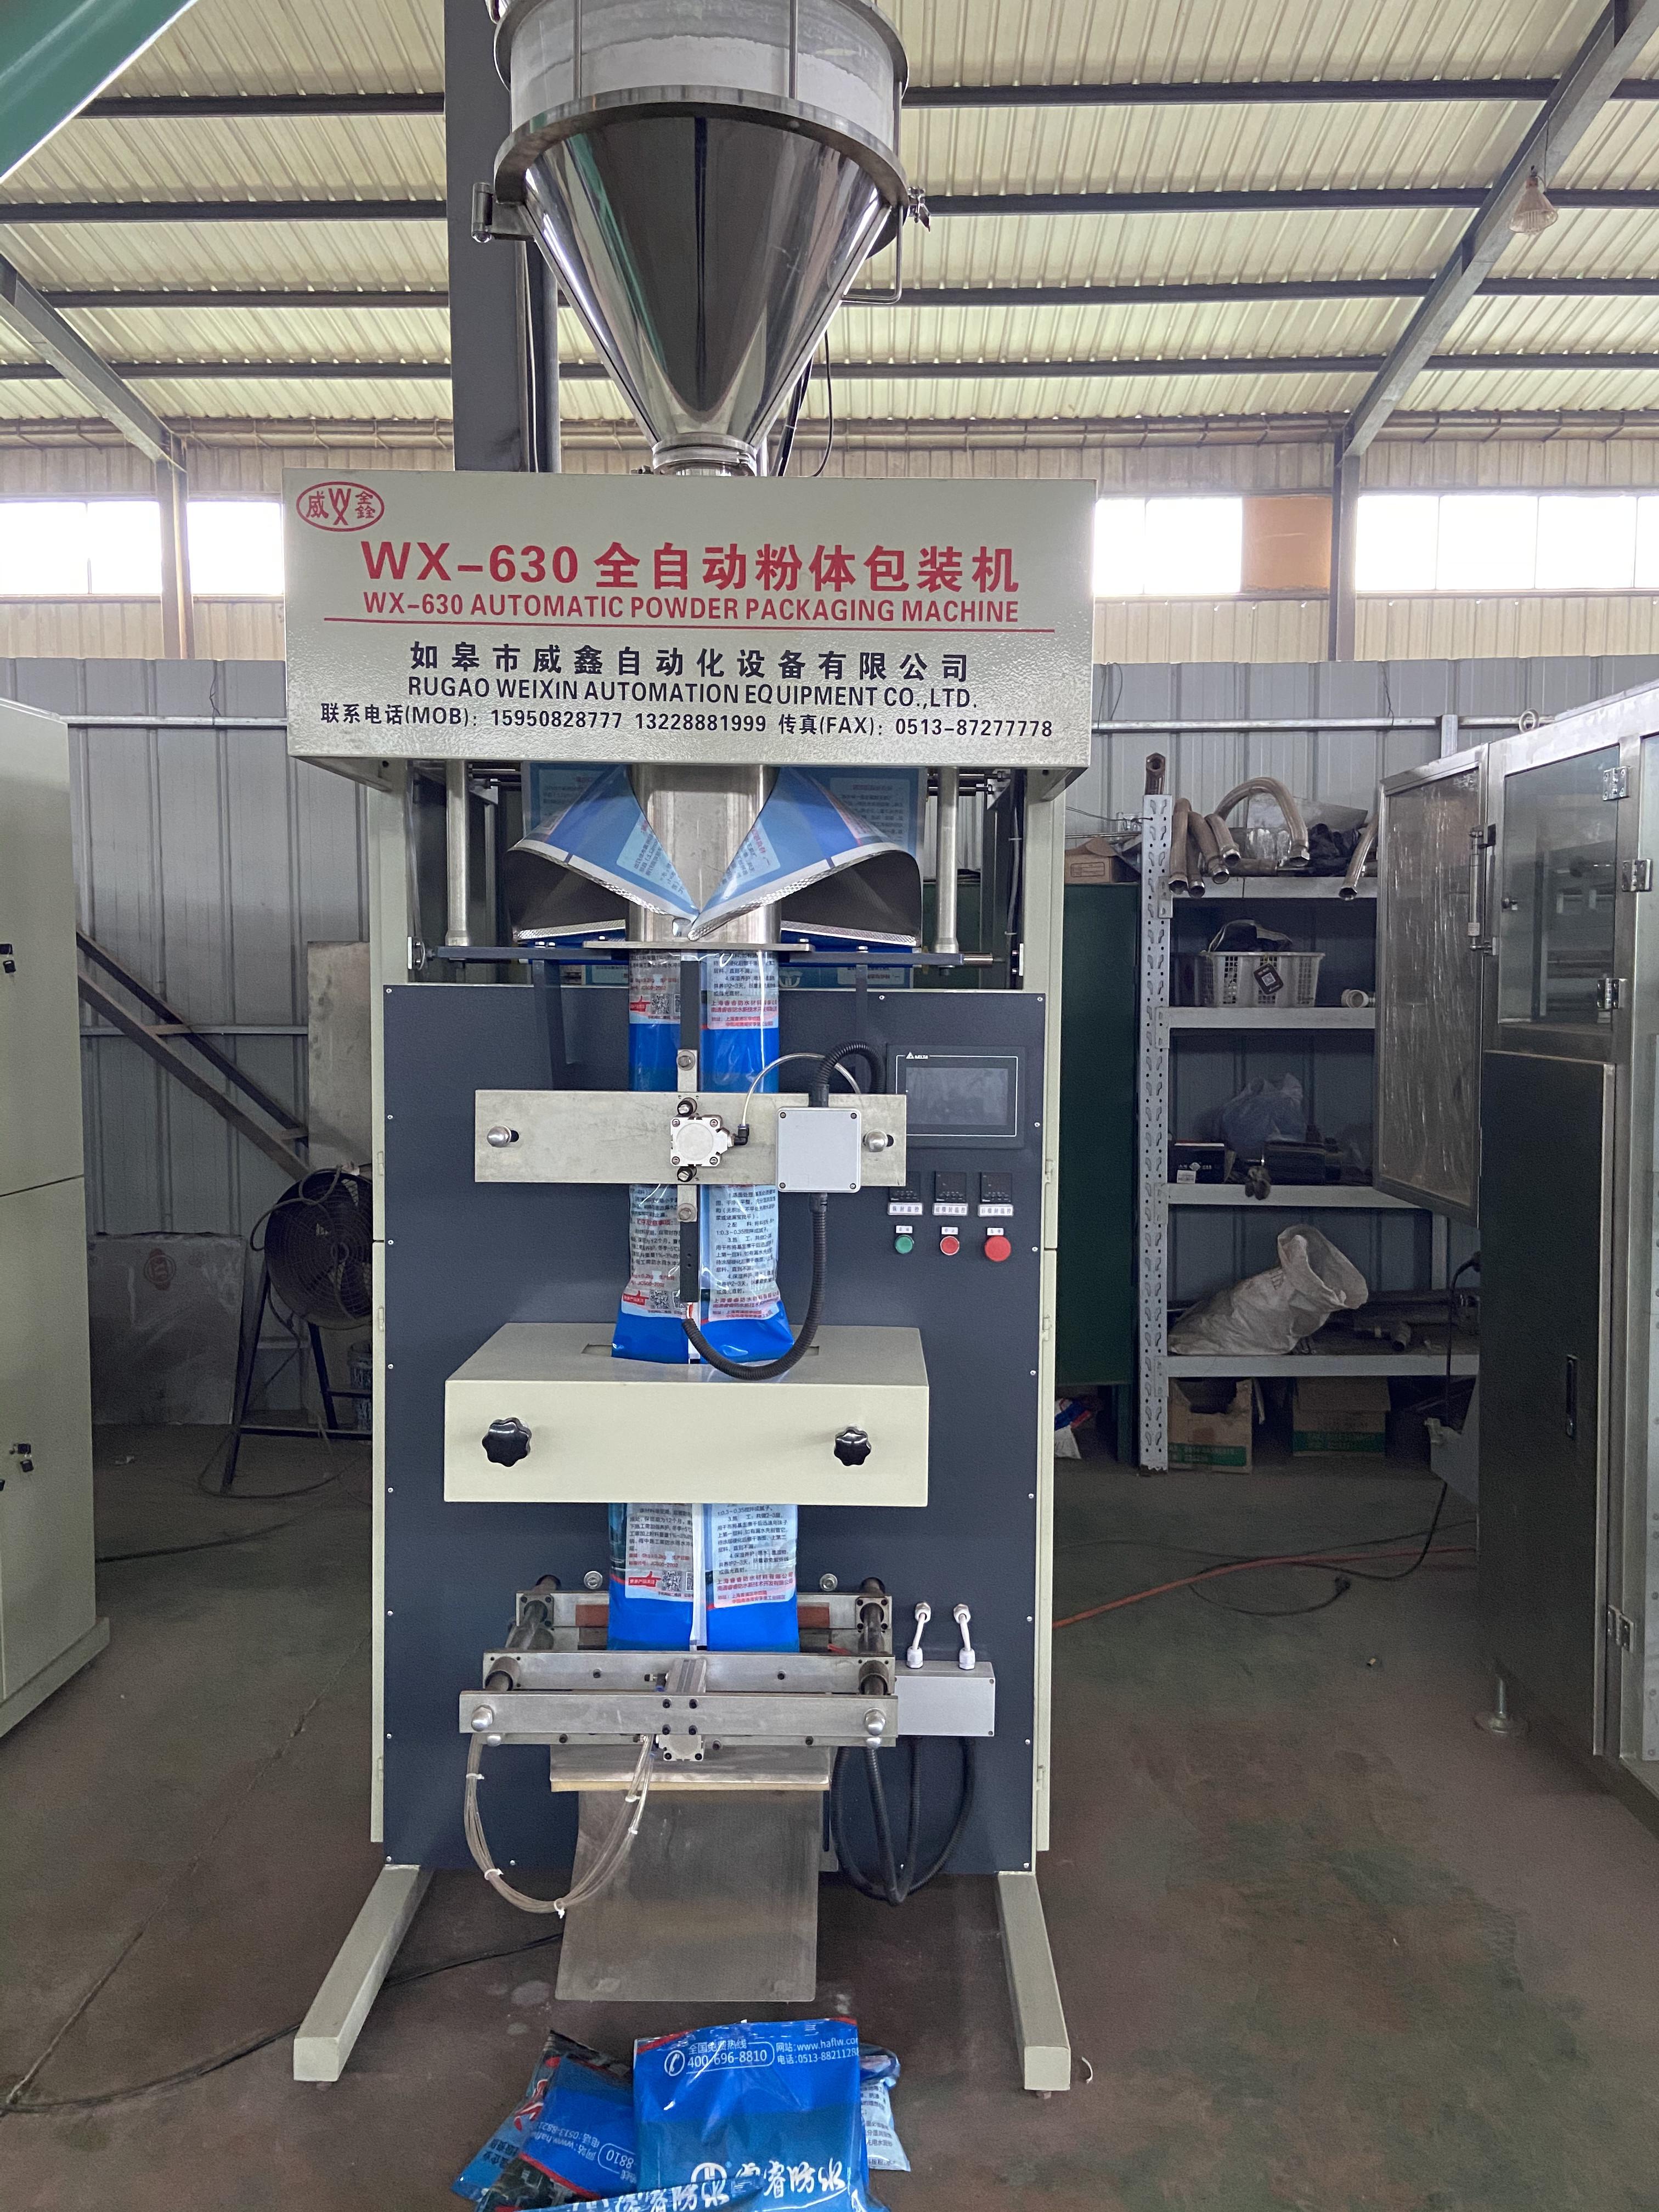 全自动粉体包装机-WX-630全自动粉体包装机